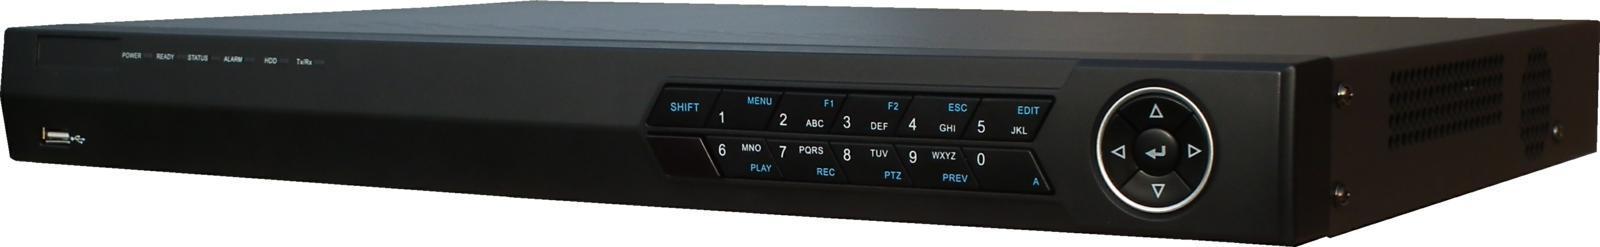 SICE Distributore Ufficiale  DVR Registratore HD-SDI | DS-7204HFHI-ST